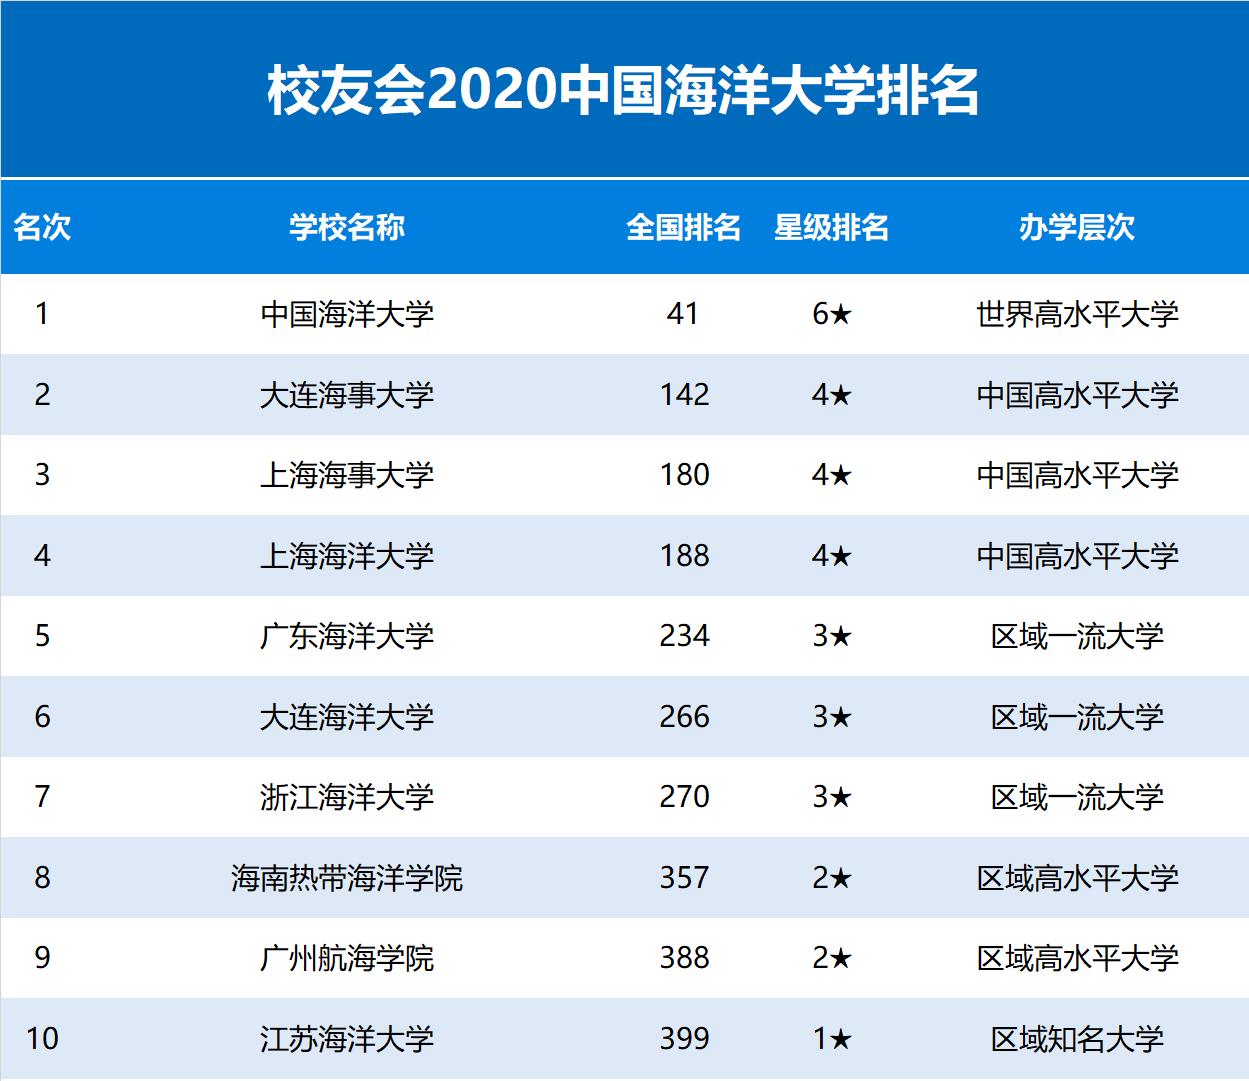 2020校友会全国独立_...中国海洋大学第1,广东海洋大学第5--艾瑞深校友会